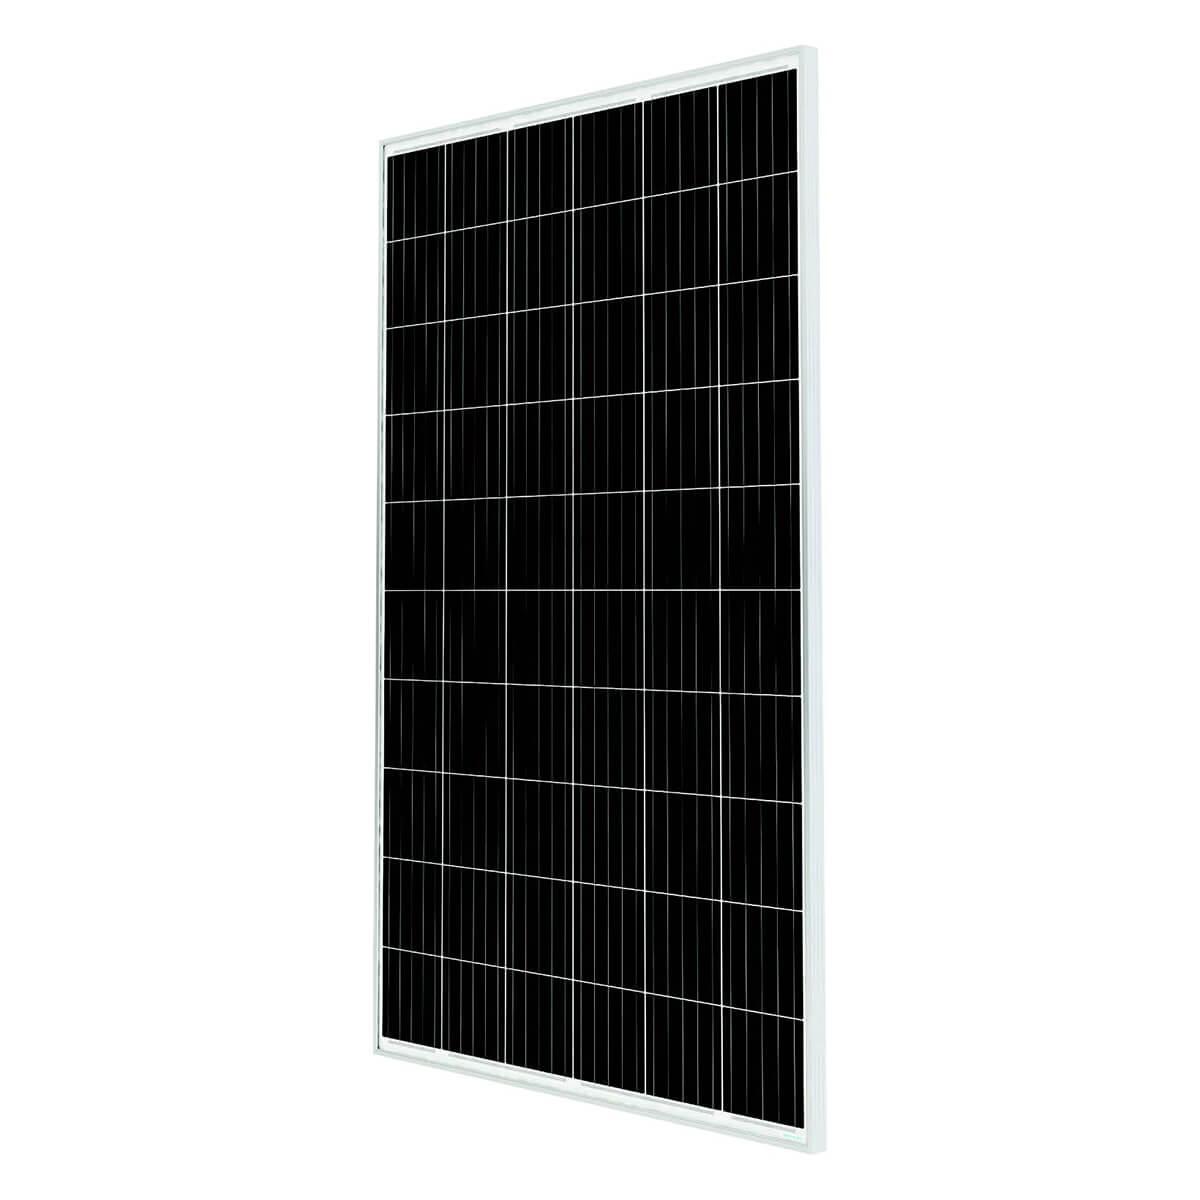 cw enerji 310W panel, cw enerji 310Watt panel, cw enerji 310 W panel, cw enerji 310 Watt panel, cw enerji 310 Watt monokristal panel, cw enerji 310 W watt gunes paneli, cw enerji 310 W watt monokristal gunes paneli, cw enerji 310 W Watt fotovoltaik monokristal solar panel, cw enerji 310W monokristal gunes enerjisi, cw enerji CWT310-60PM-310W panel, CW ENERJİ 310 WATT, CW Enerji 310 Watt, CW enerji 310 Watt